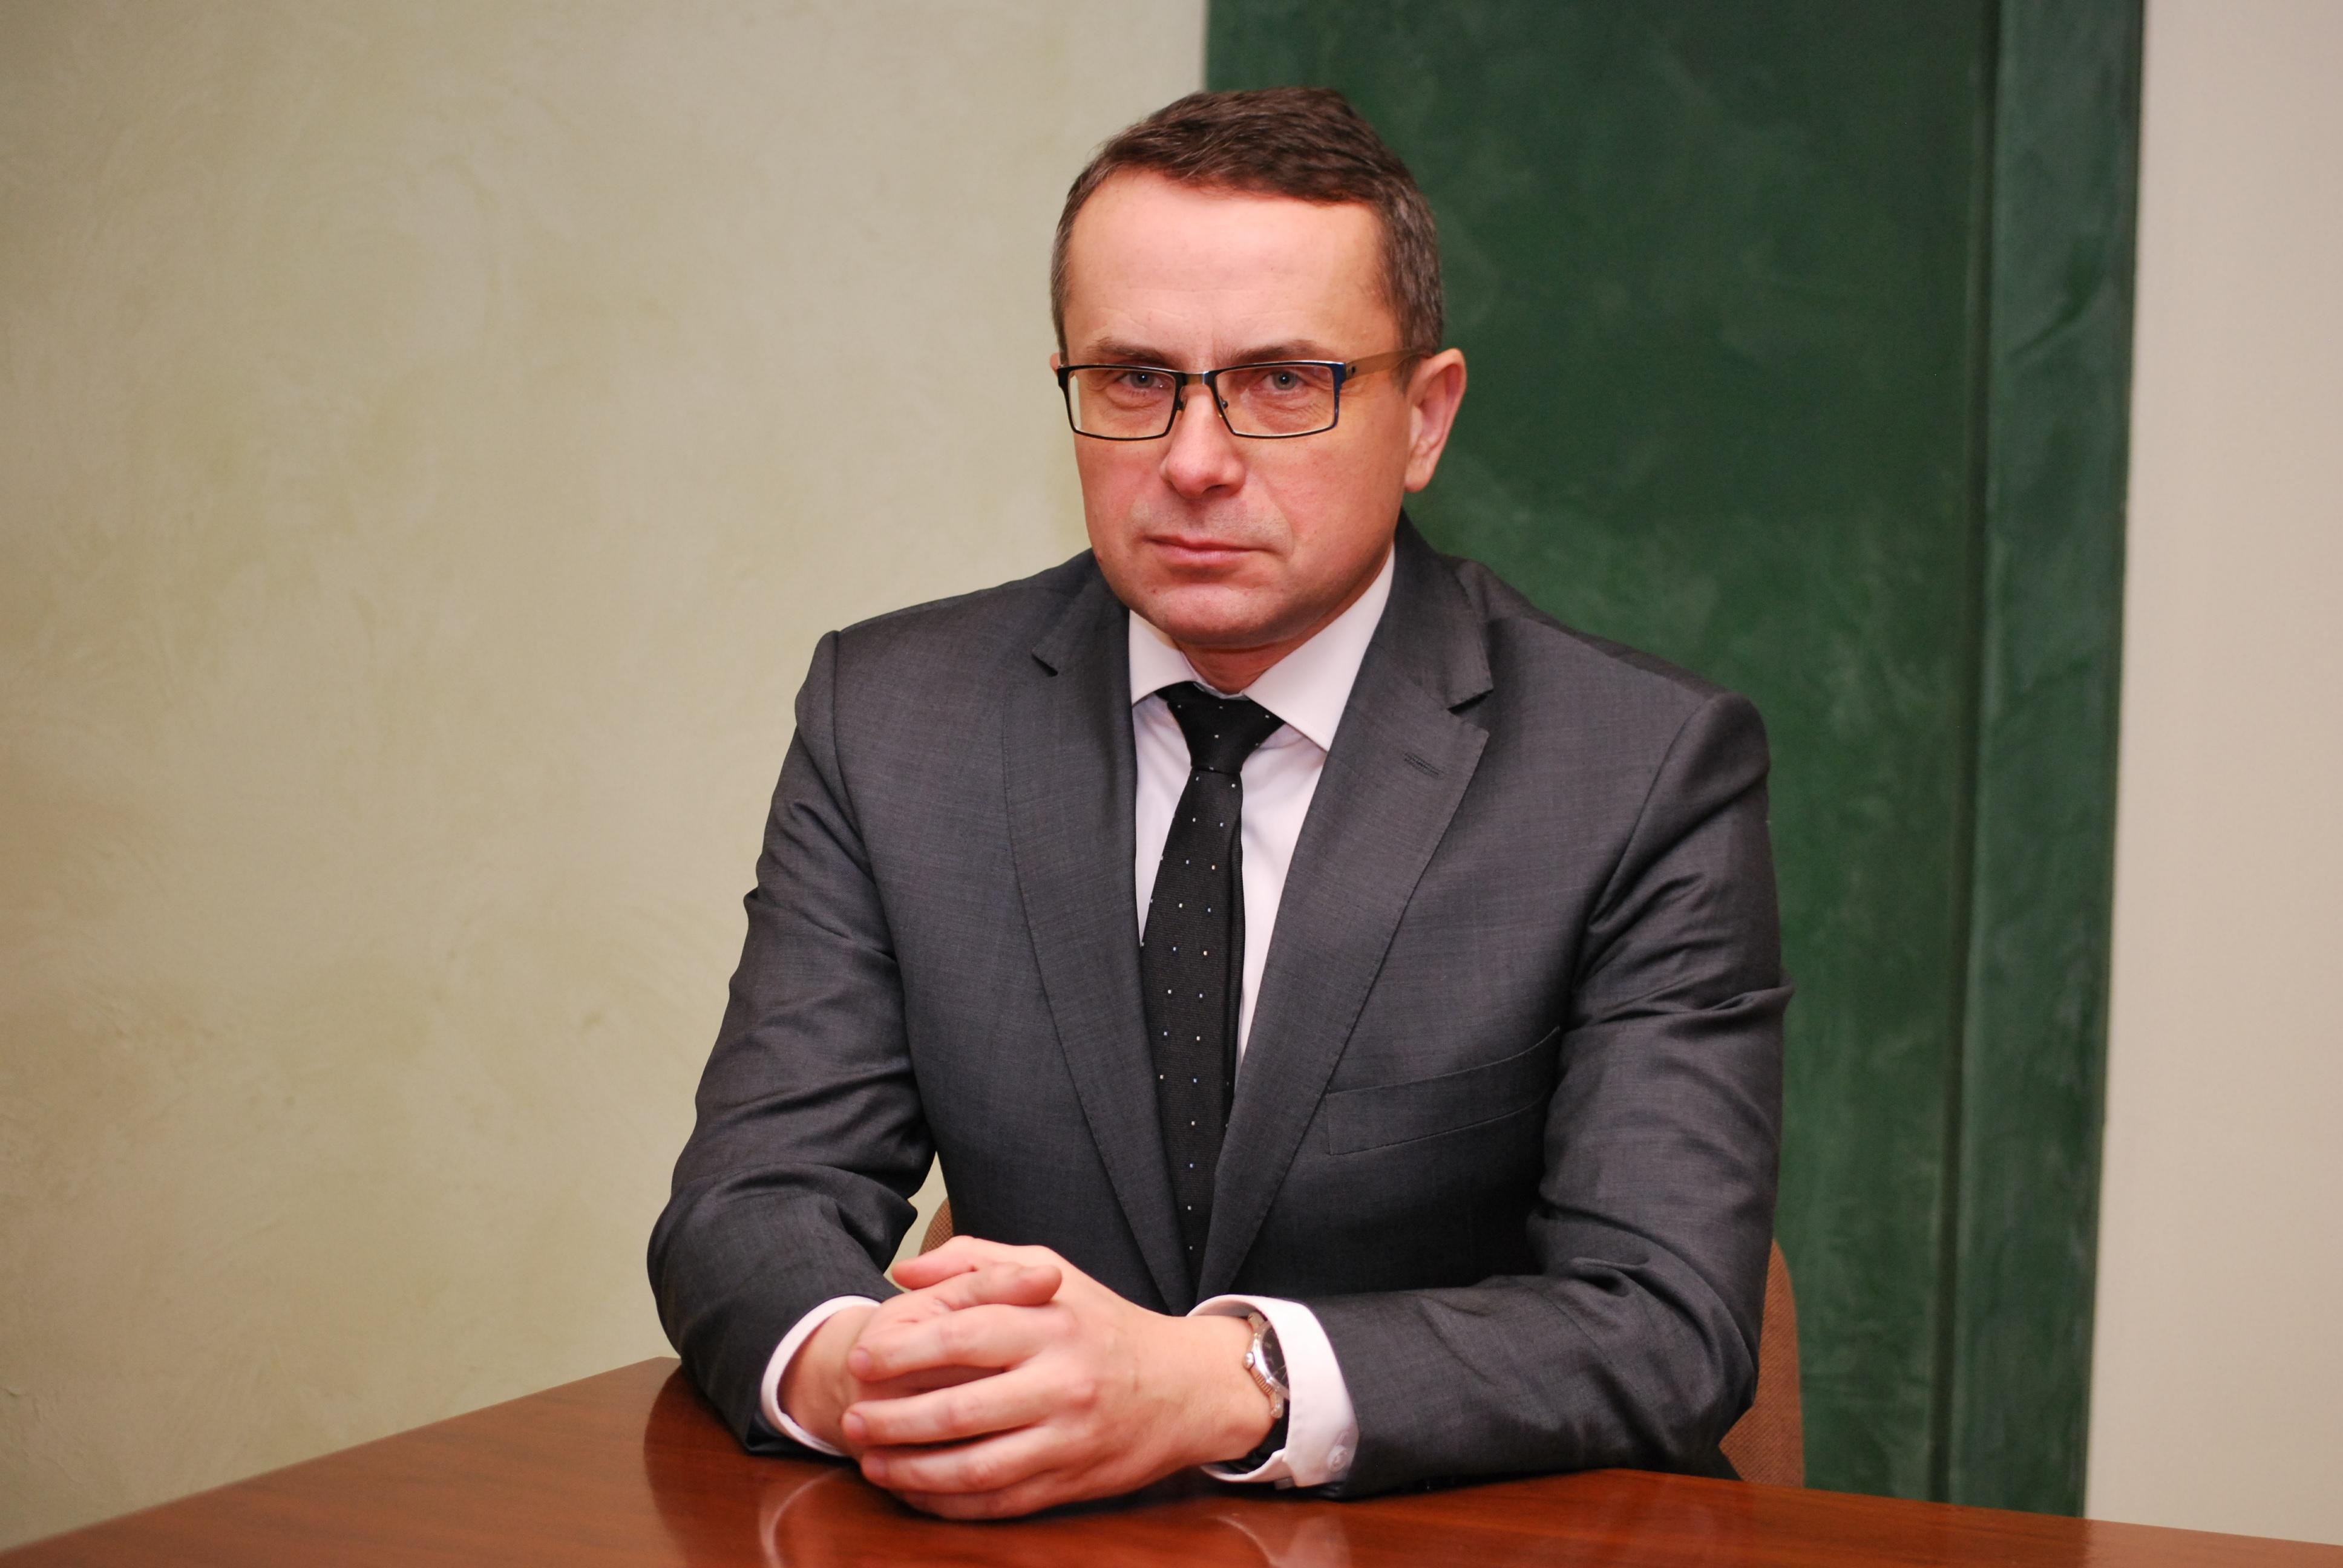 Zbigniew Lubosik